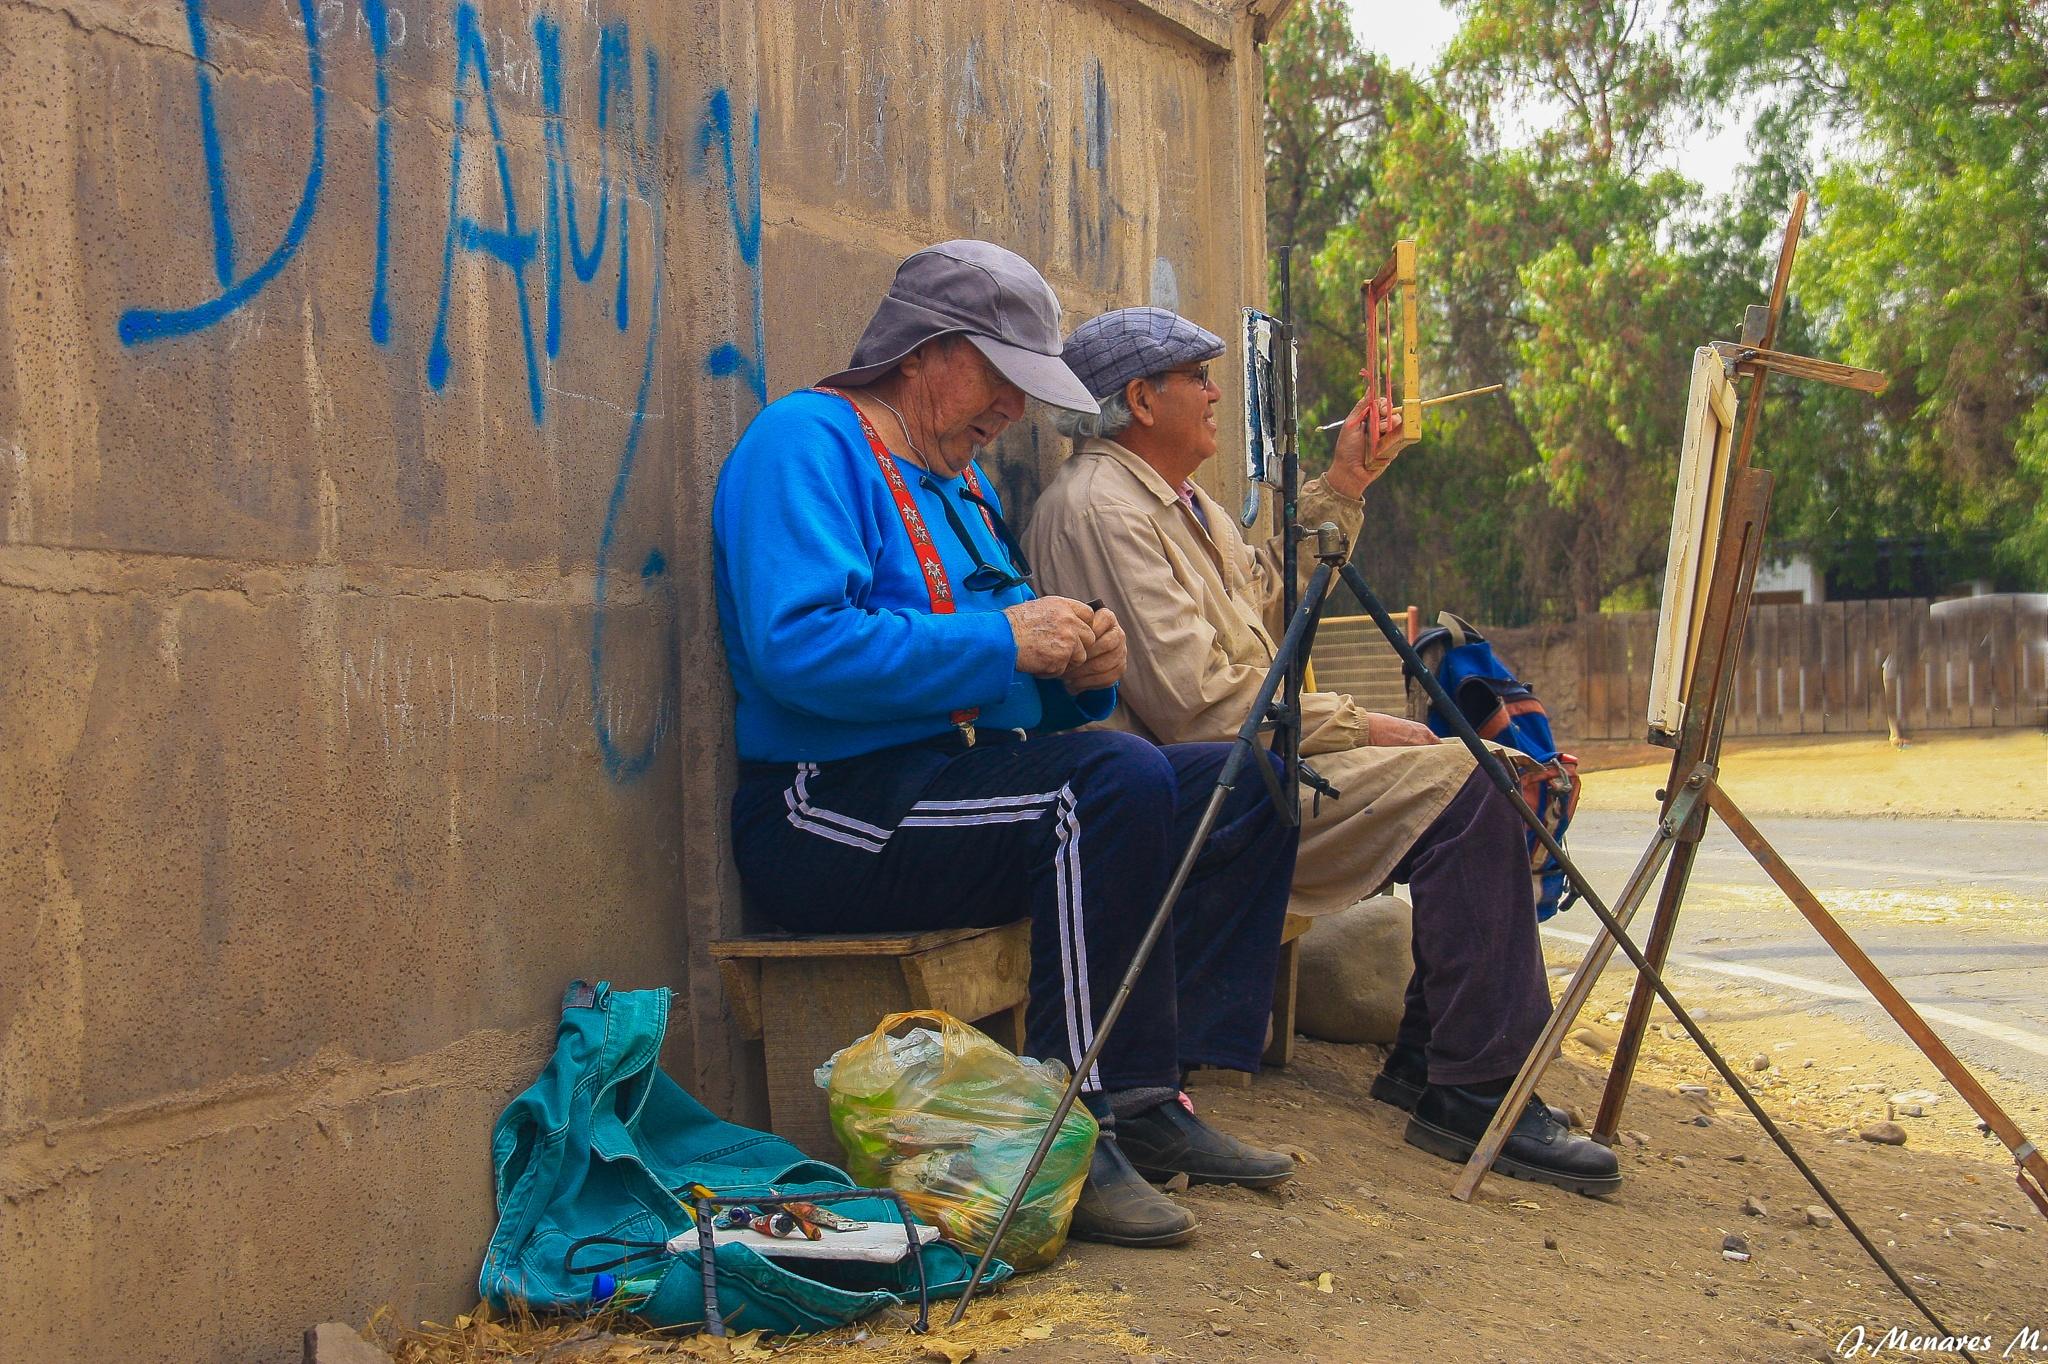 Pintores en acción by Jorge Menares Moreira